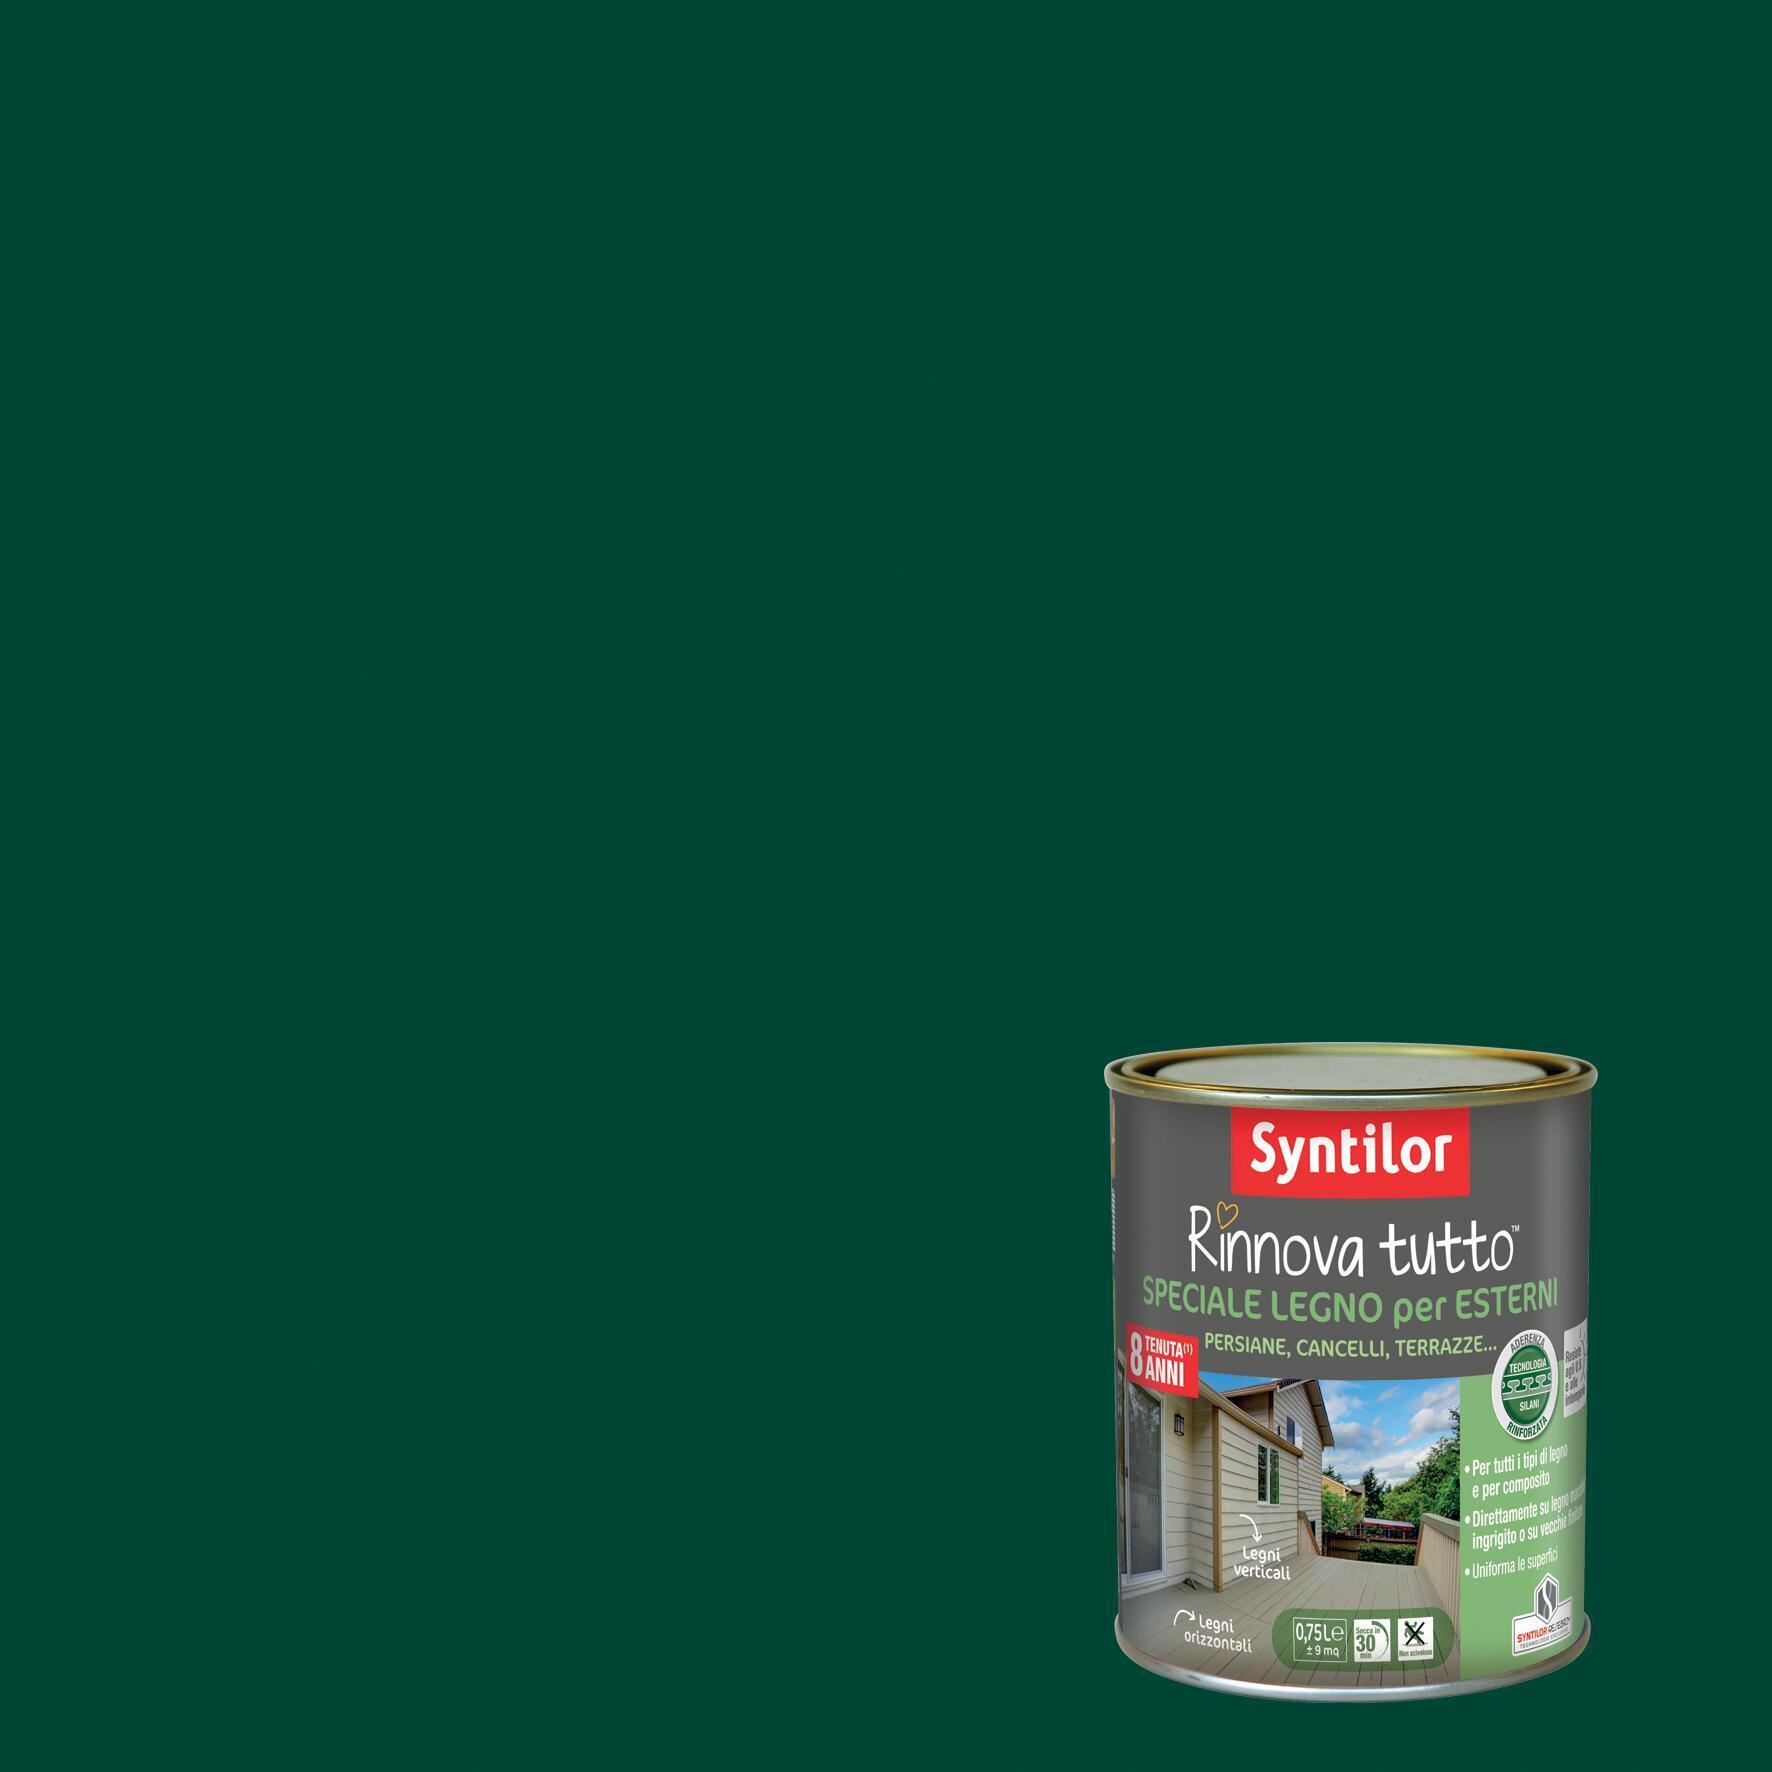 Smalto per legno da esterno base acqua SYNTILOR Rinnova Tutto verde 0.75 L - 1